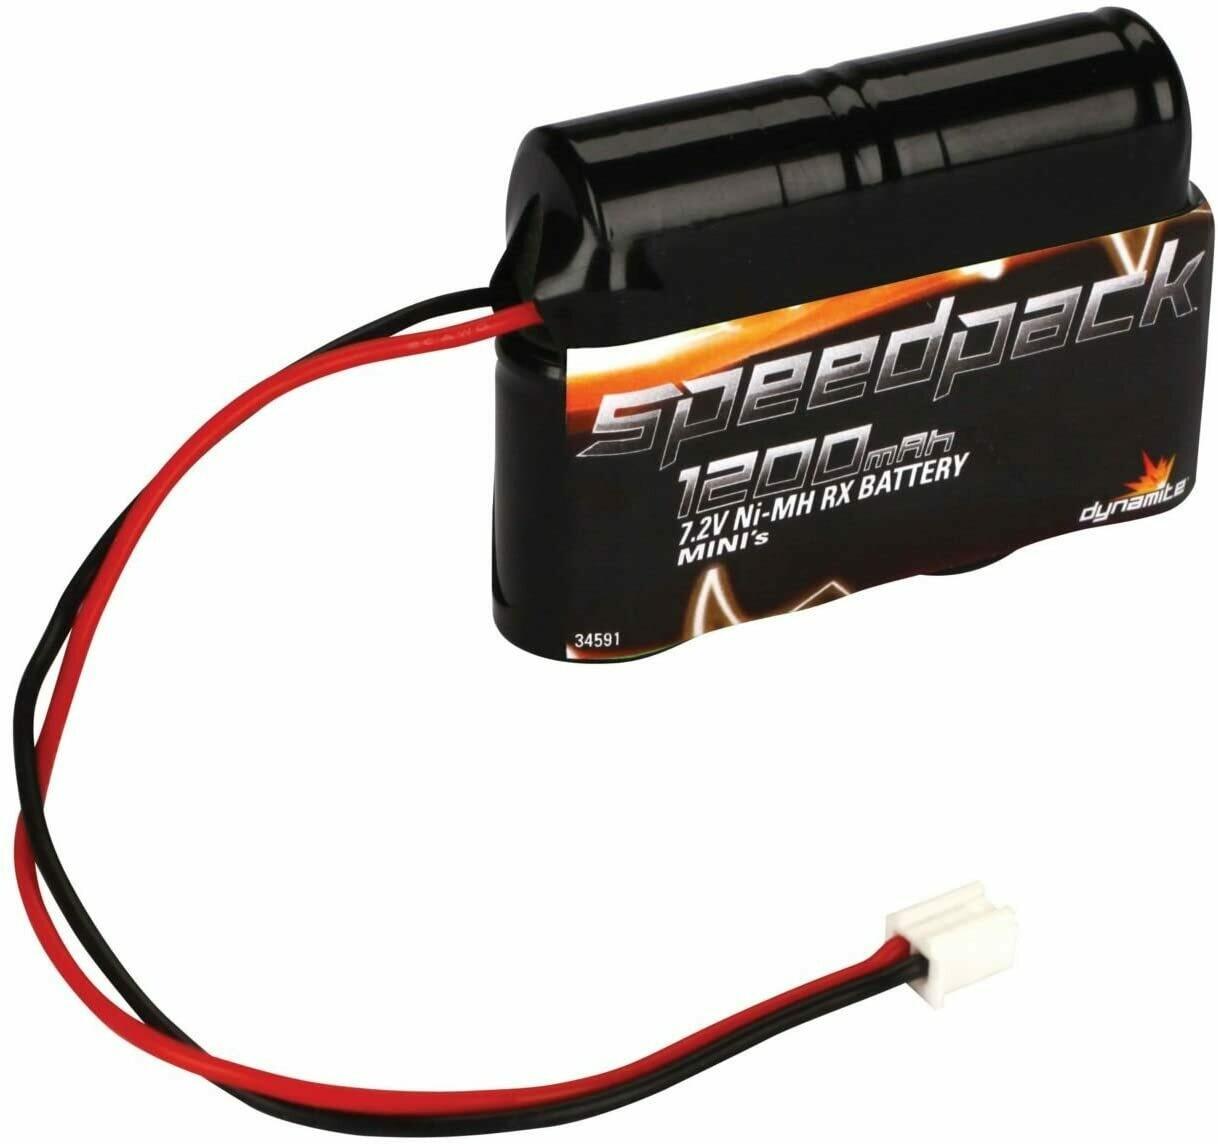 Speedpack; 7.2V 1200Mah Nimh Battery: Minis